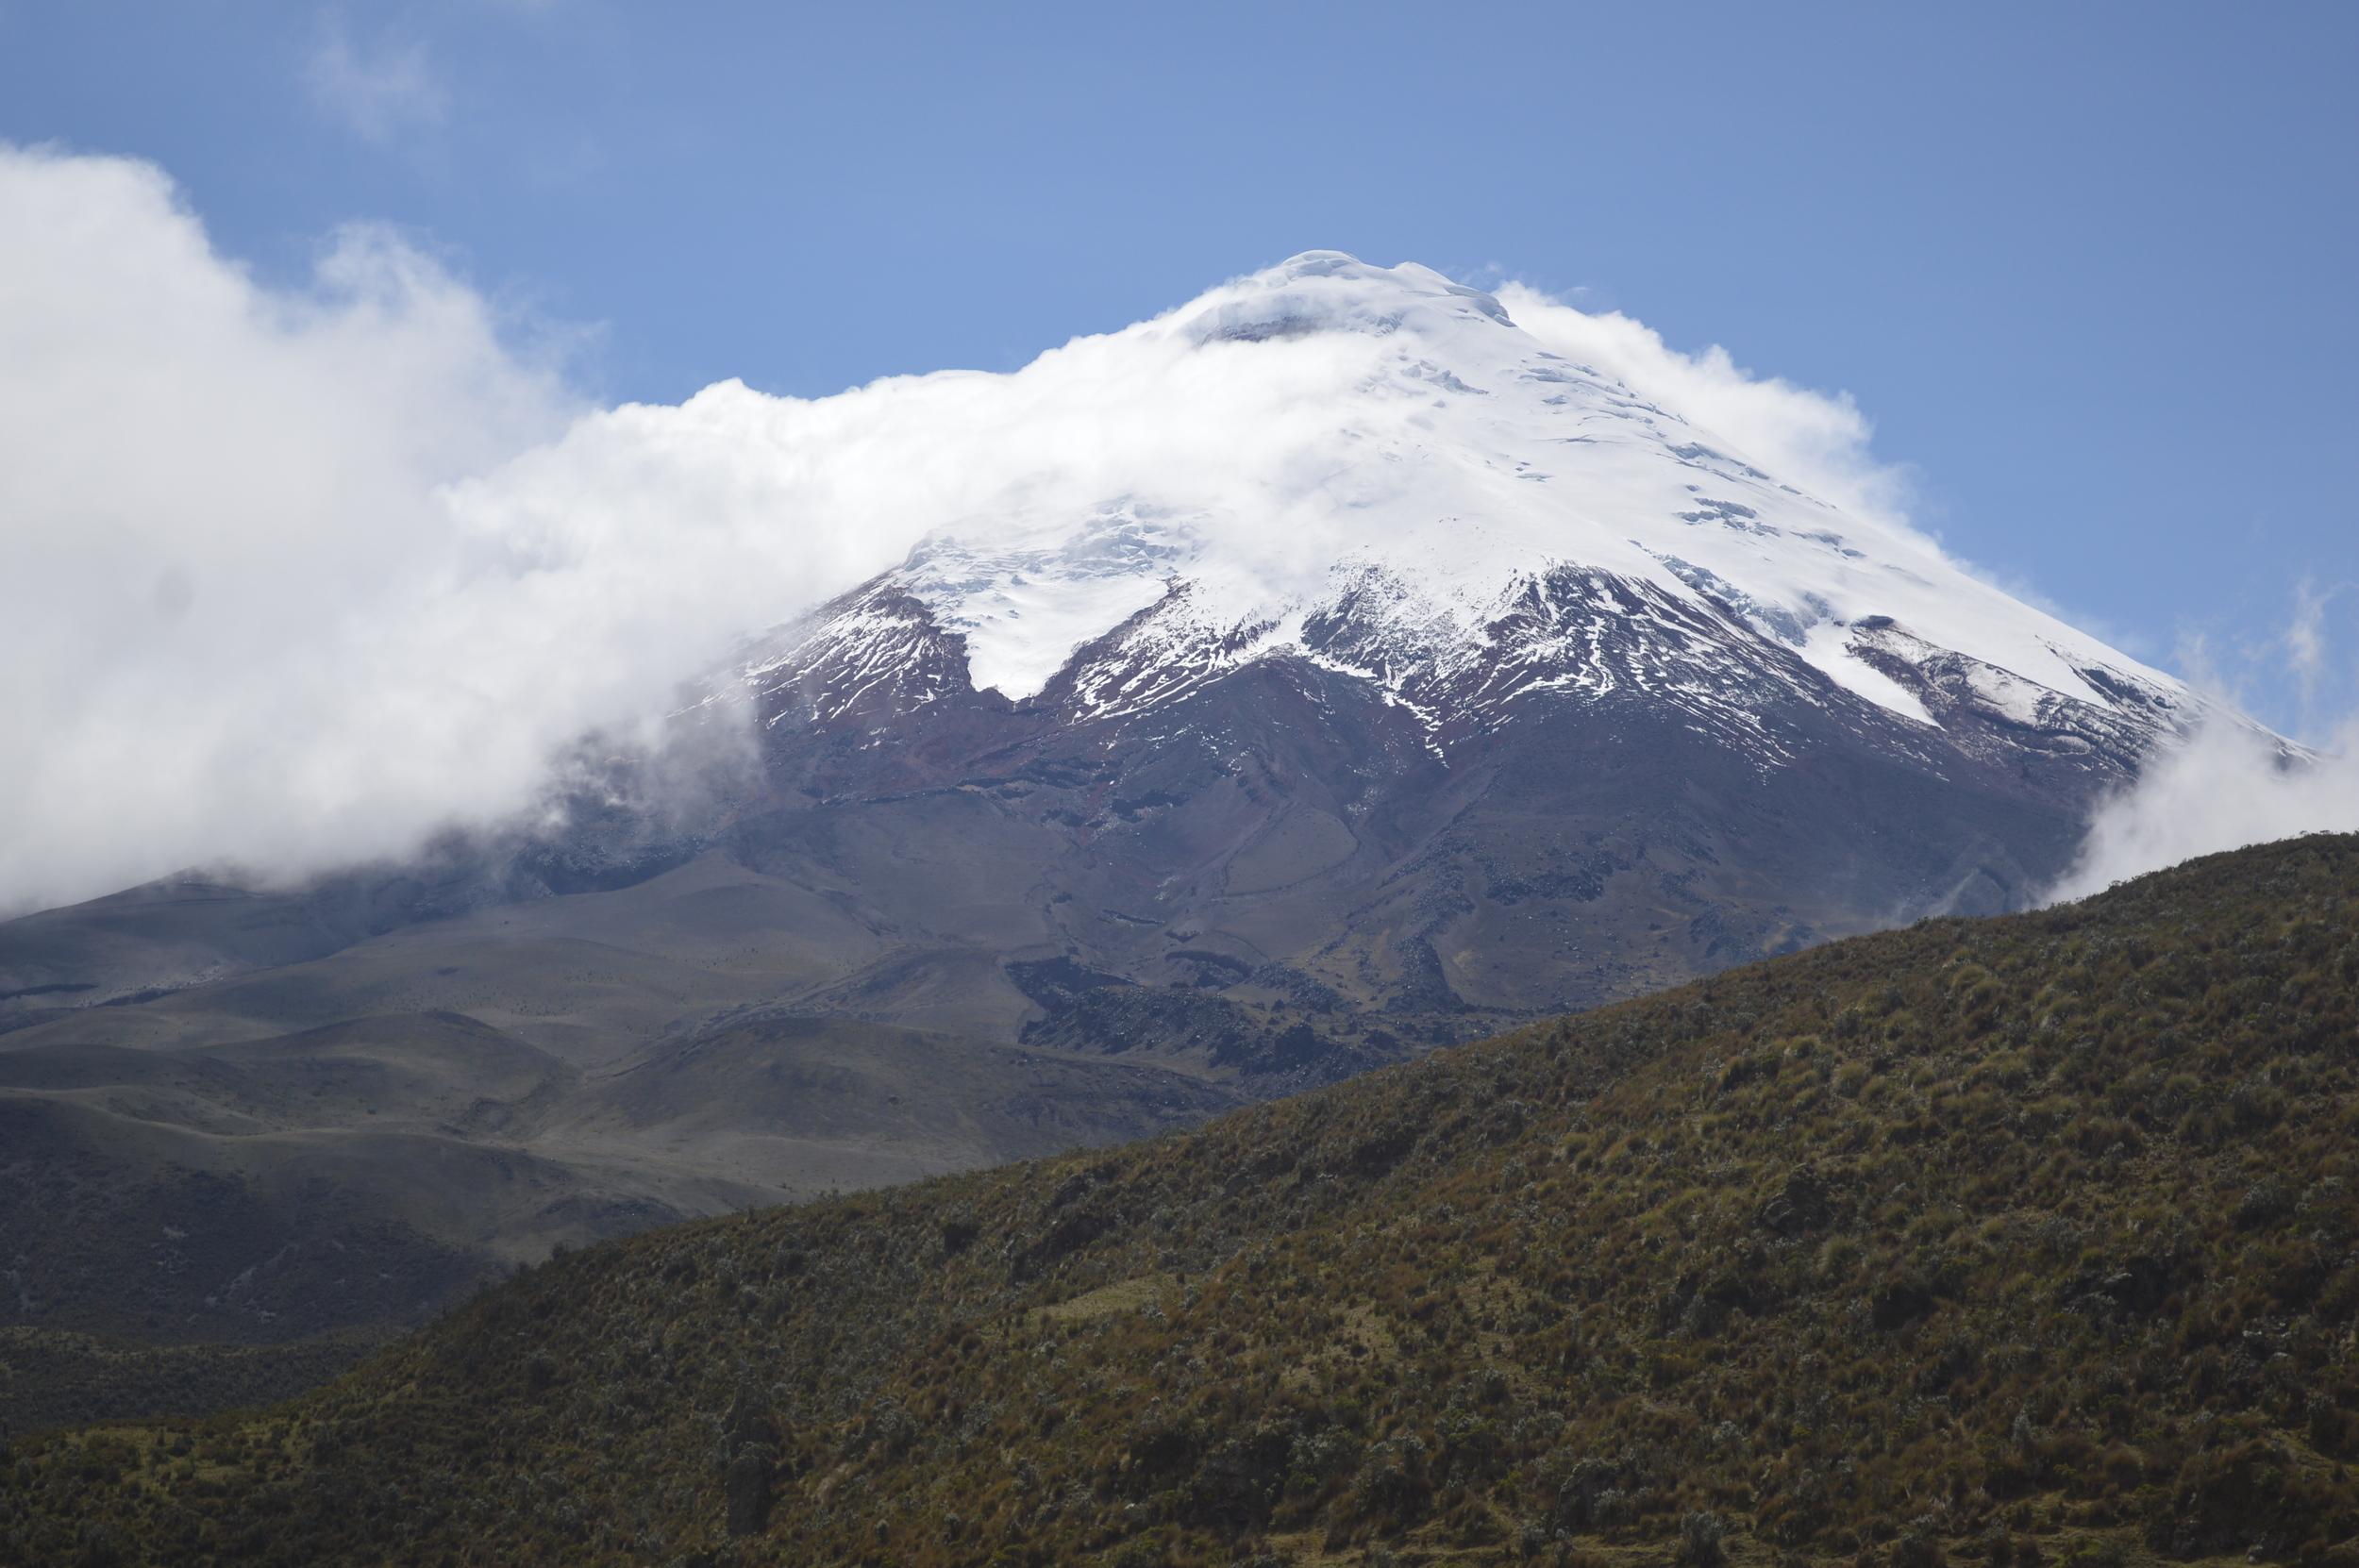 Ecuador Mountain High Res Landscape.JPG